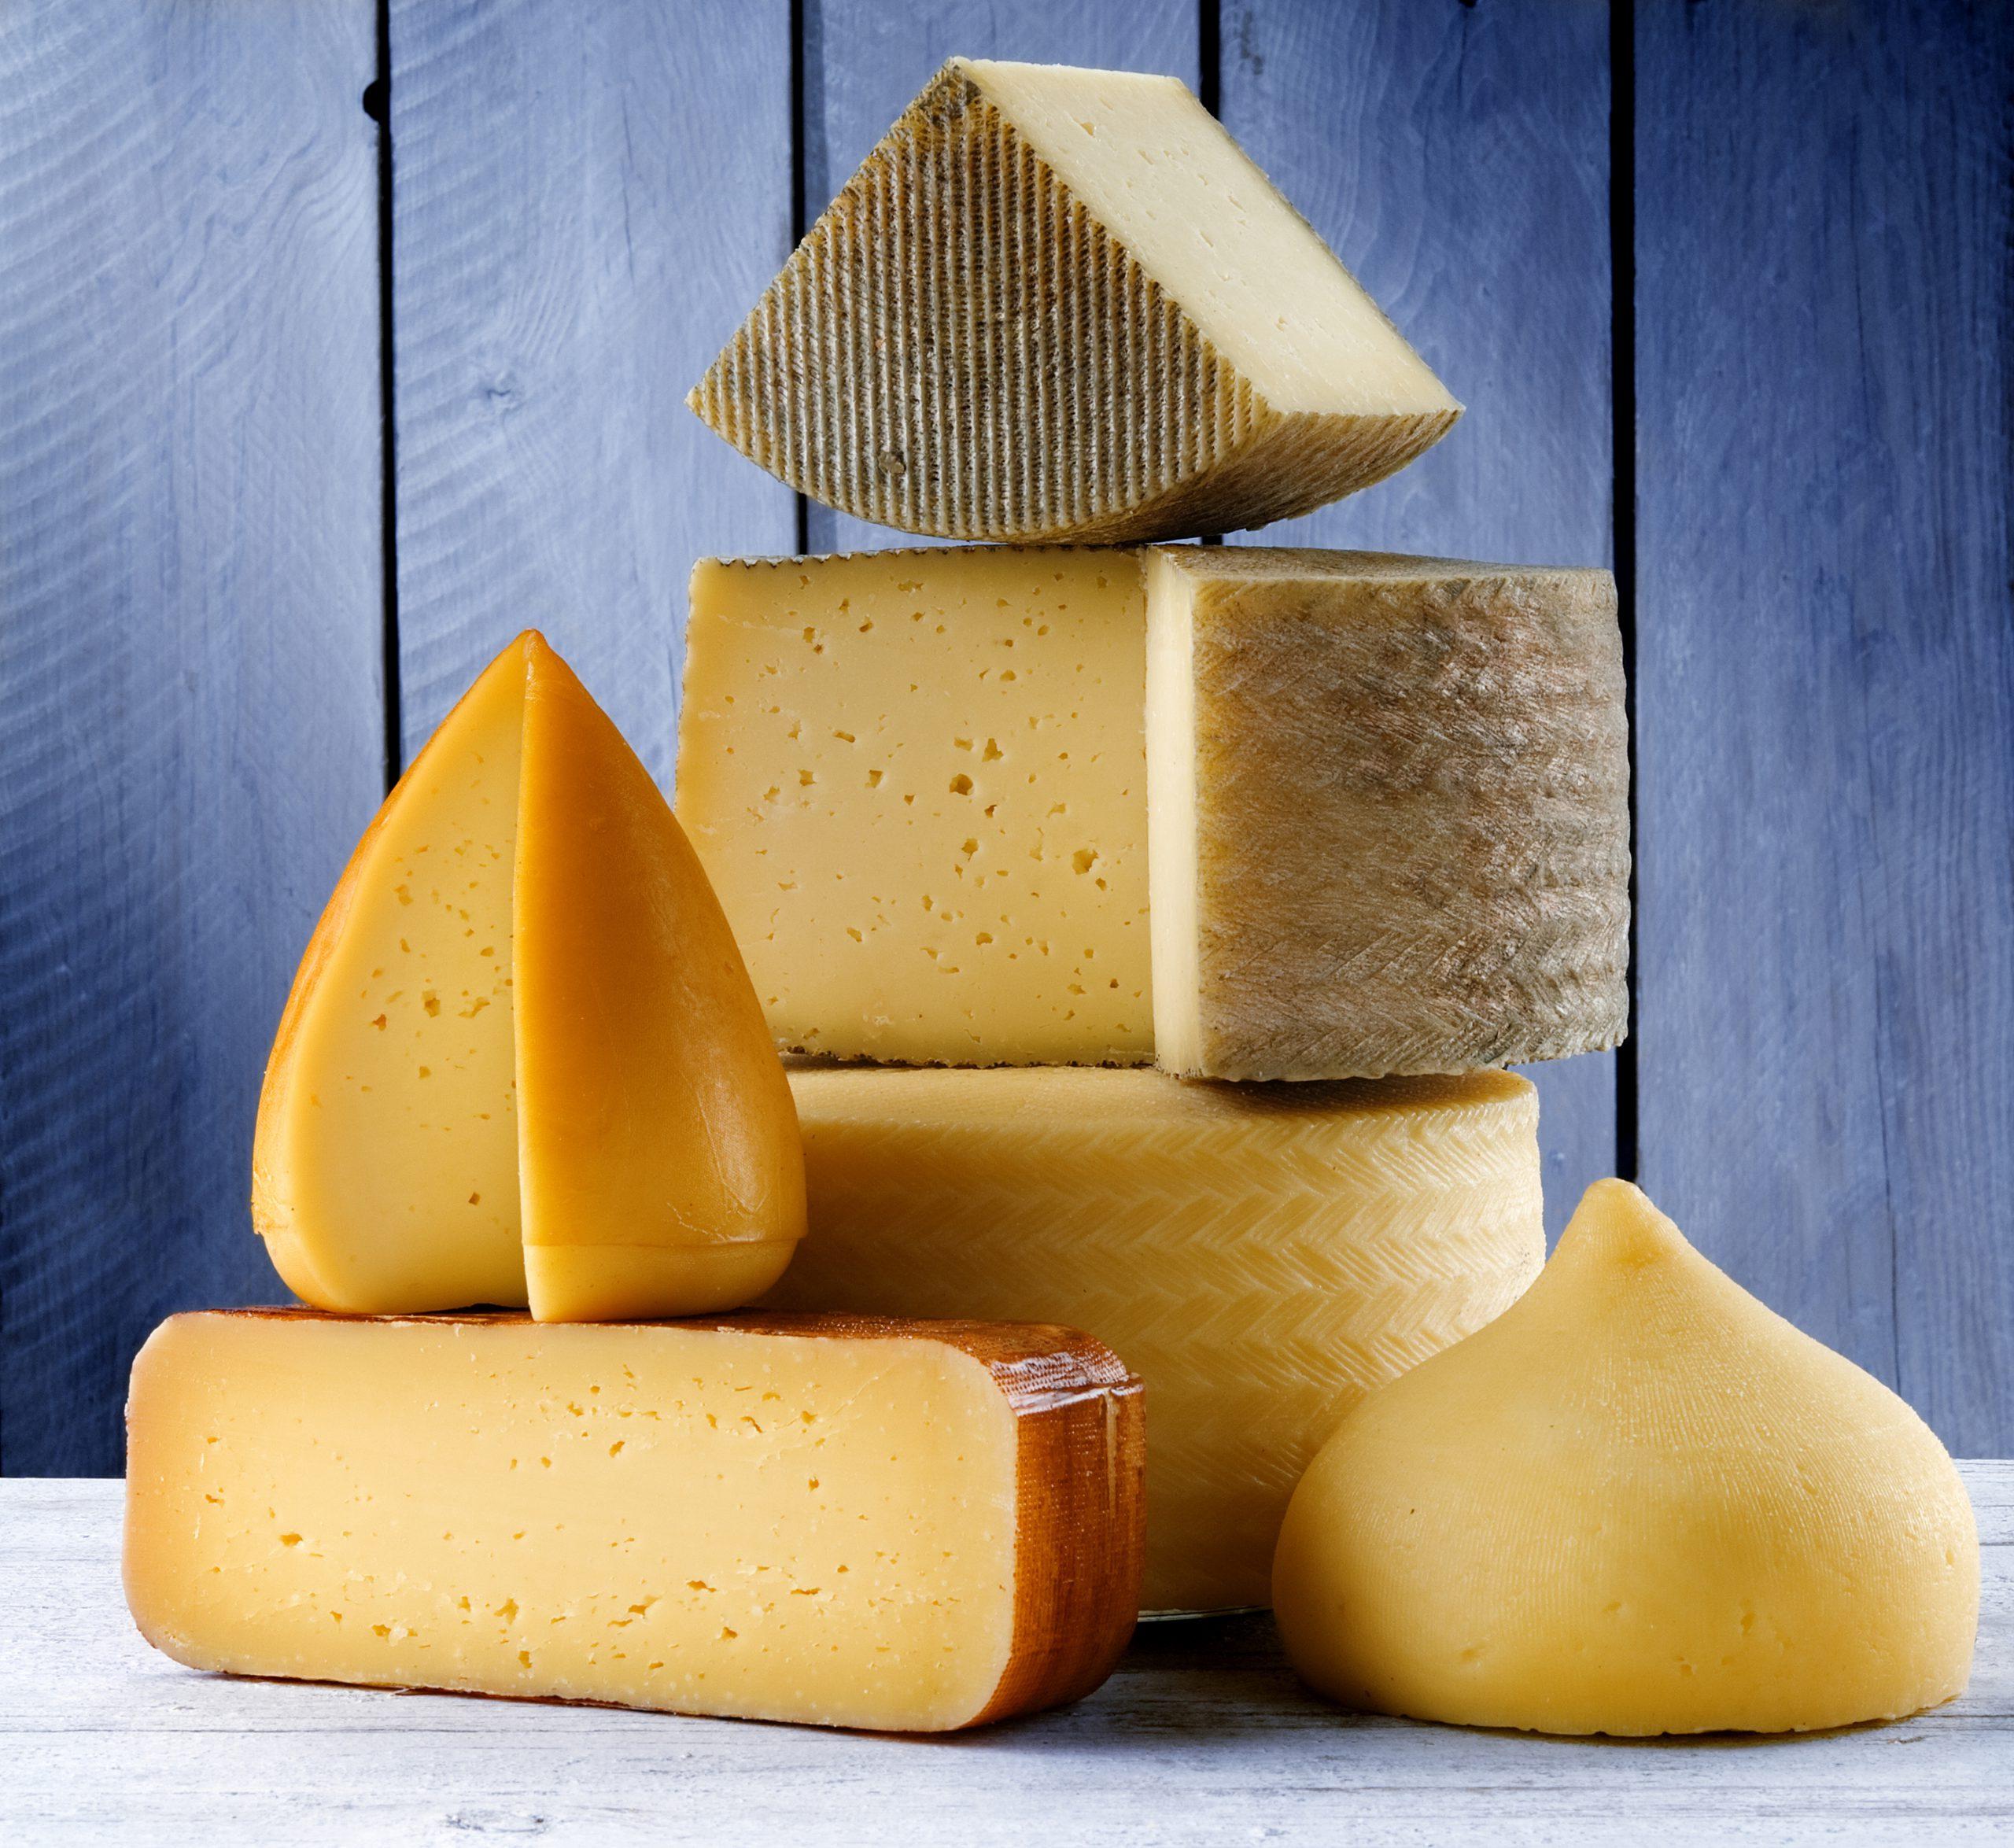 Подмосковный фестиваль «Сыр. Пир. Мир» претендует на нацпремию «Событие года»